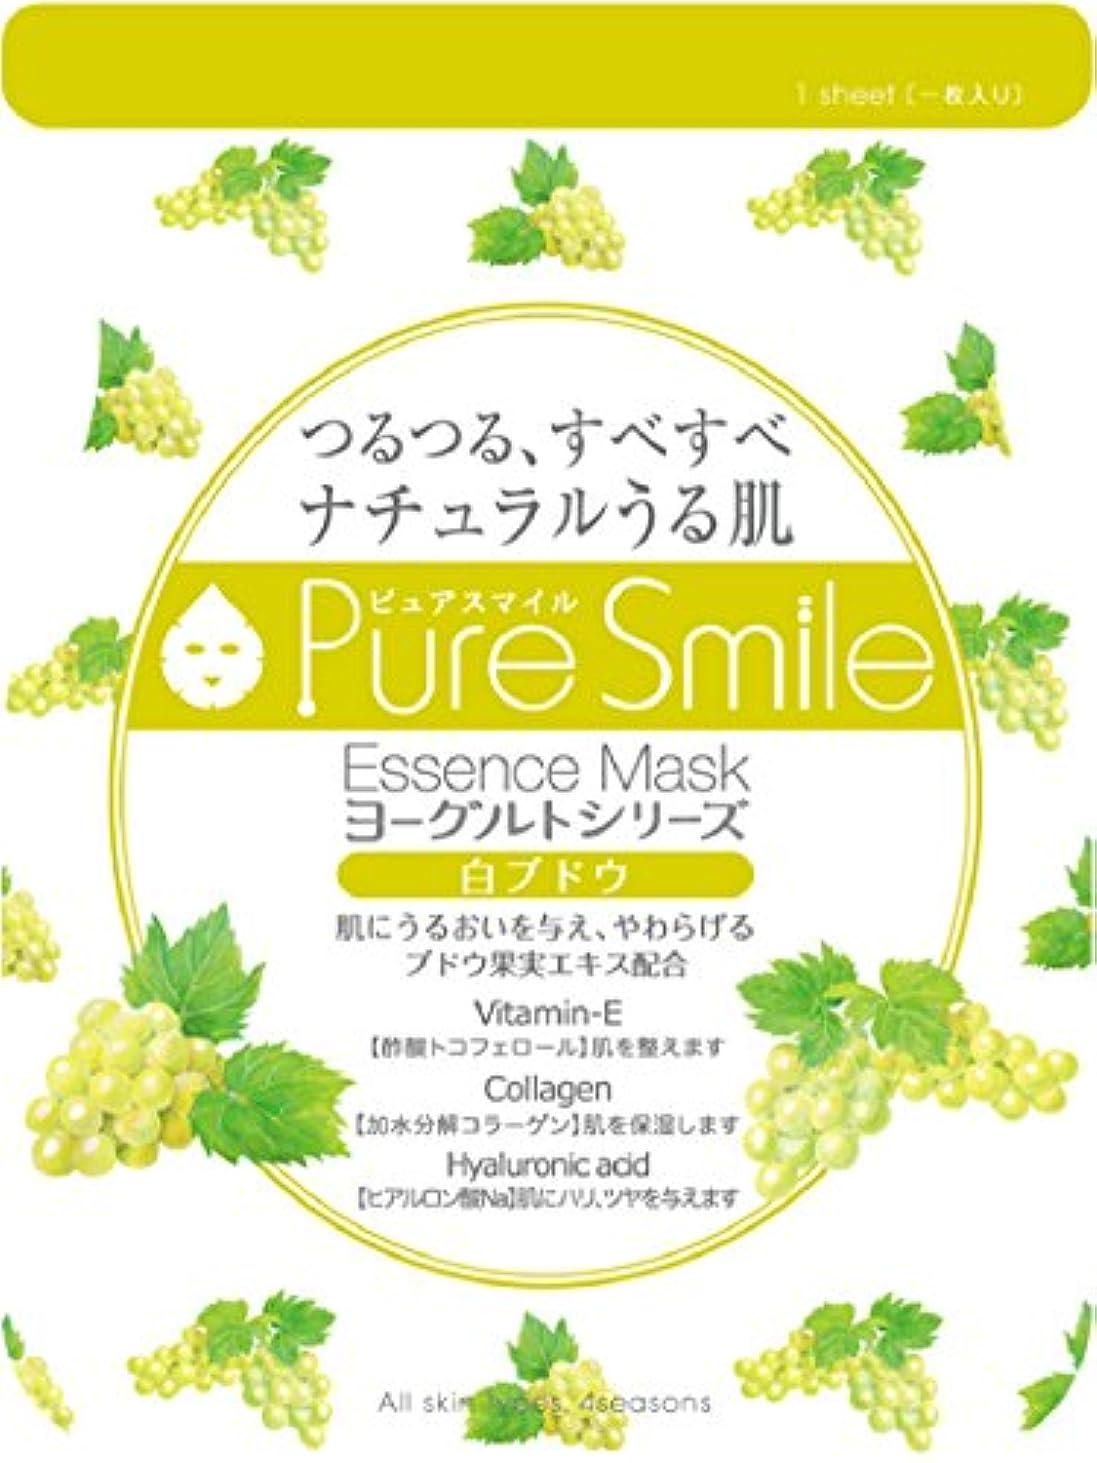 シビック保守的違反Pure Smile エッセンスマスク ヨーグルトシリーズ 白ブドウ 23ml?30枚